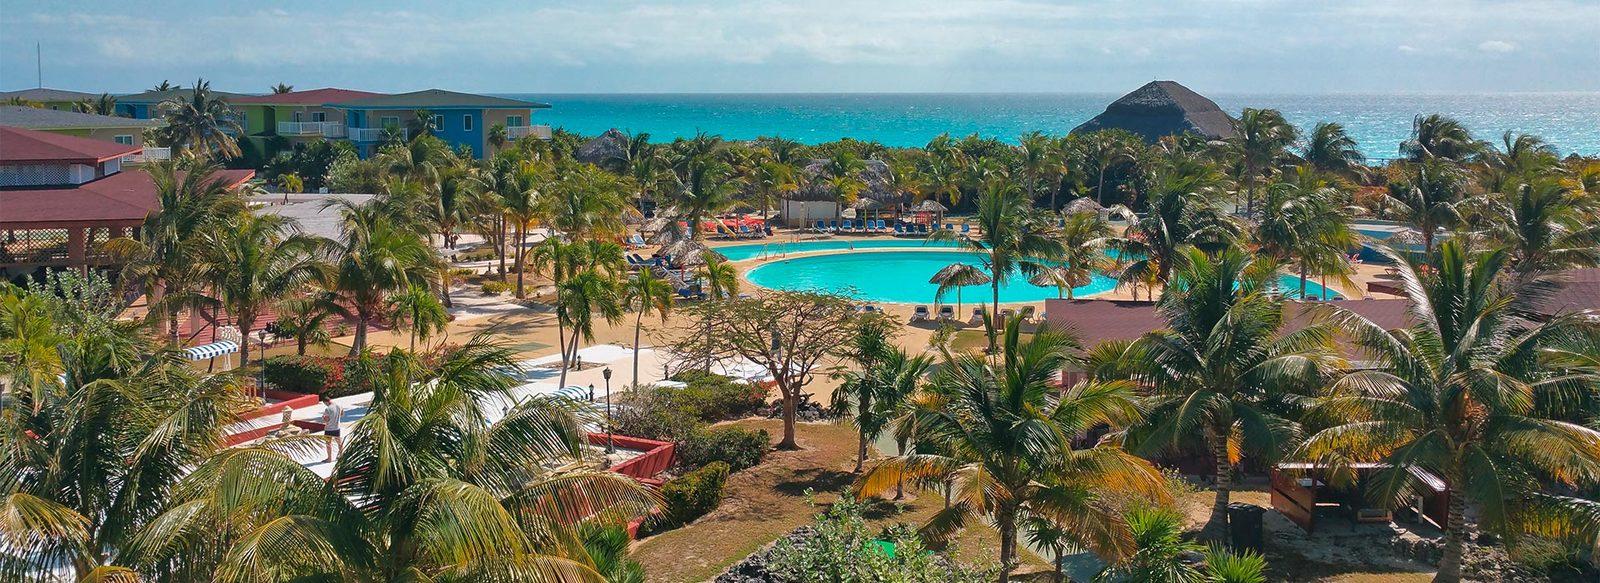 4* nel cuore dei Caraibi direttamente sulla spiaggia